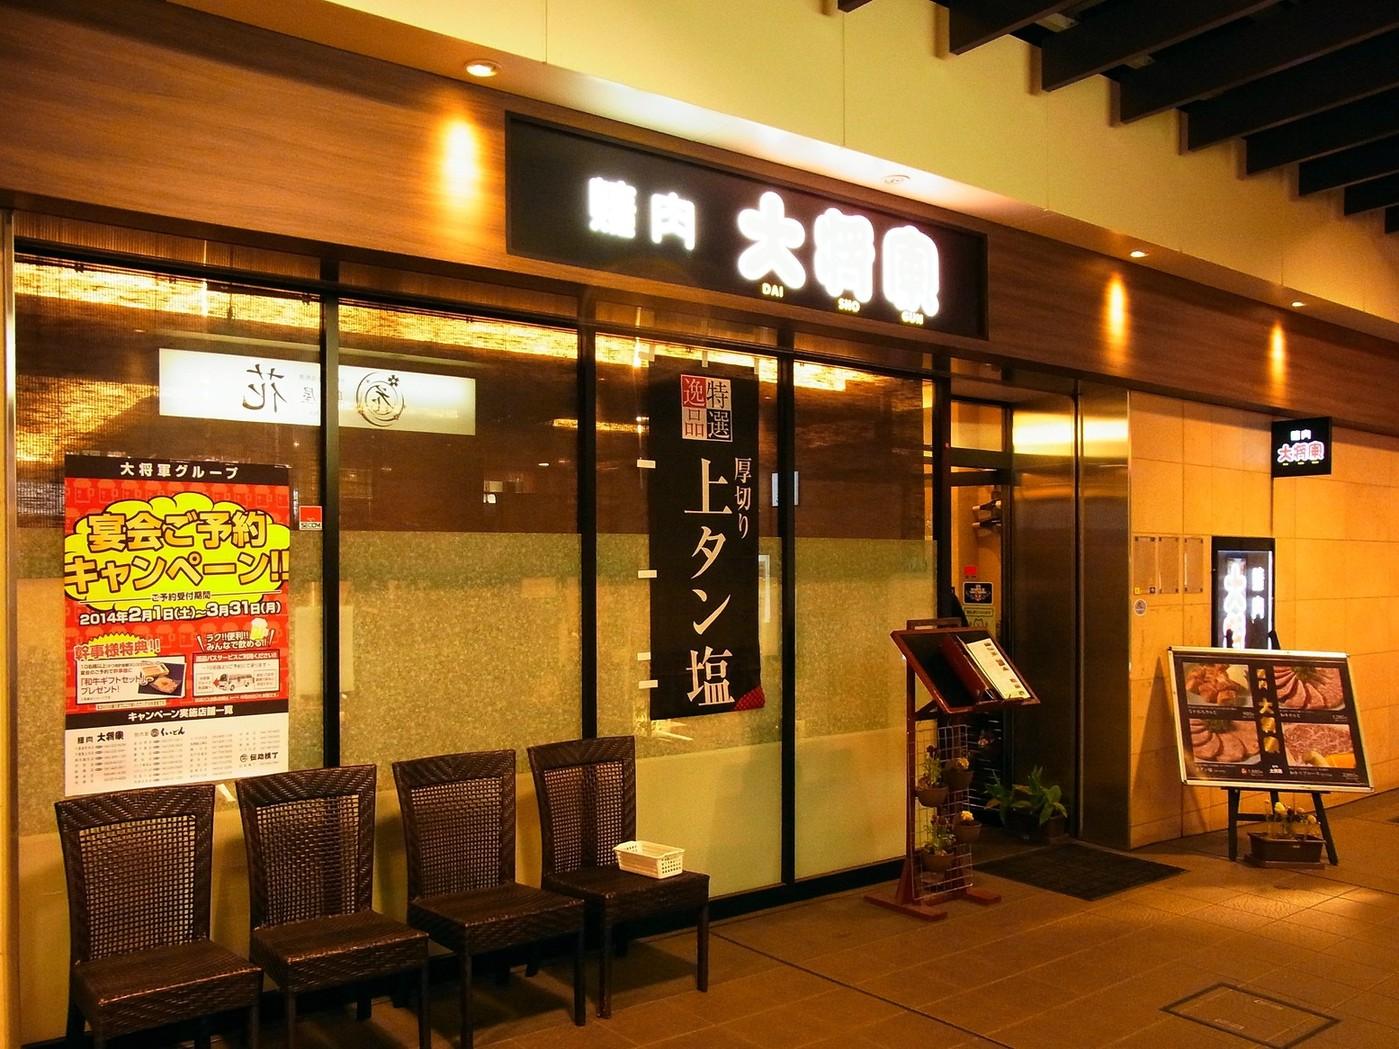 大将軍 笹塚店